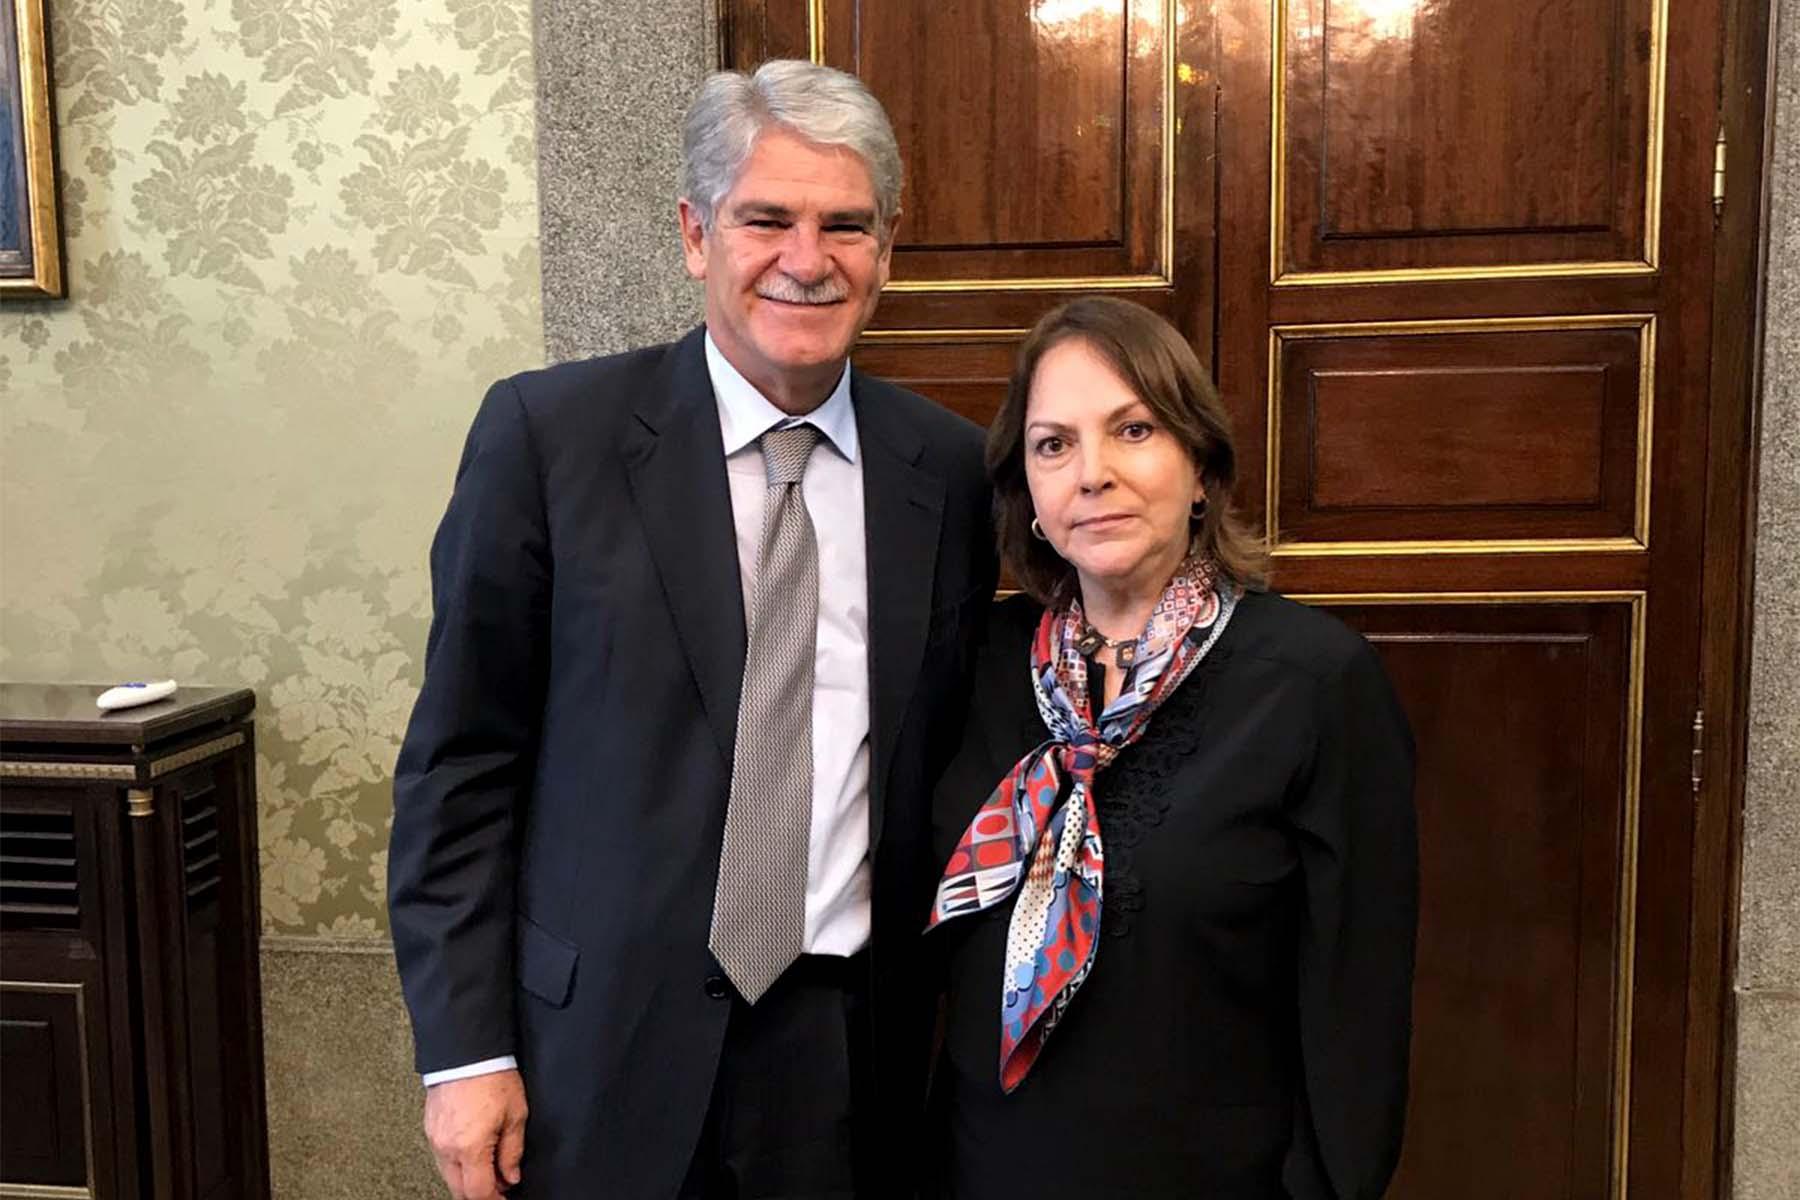 La esposa del Alcalde Metropolitano de Caracas pidió a los gobiernos de Europa que no sigan suministrando equipos de guerra